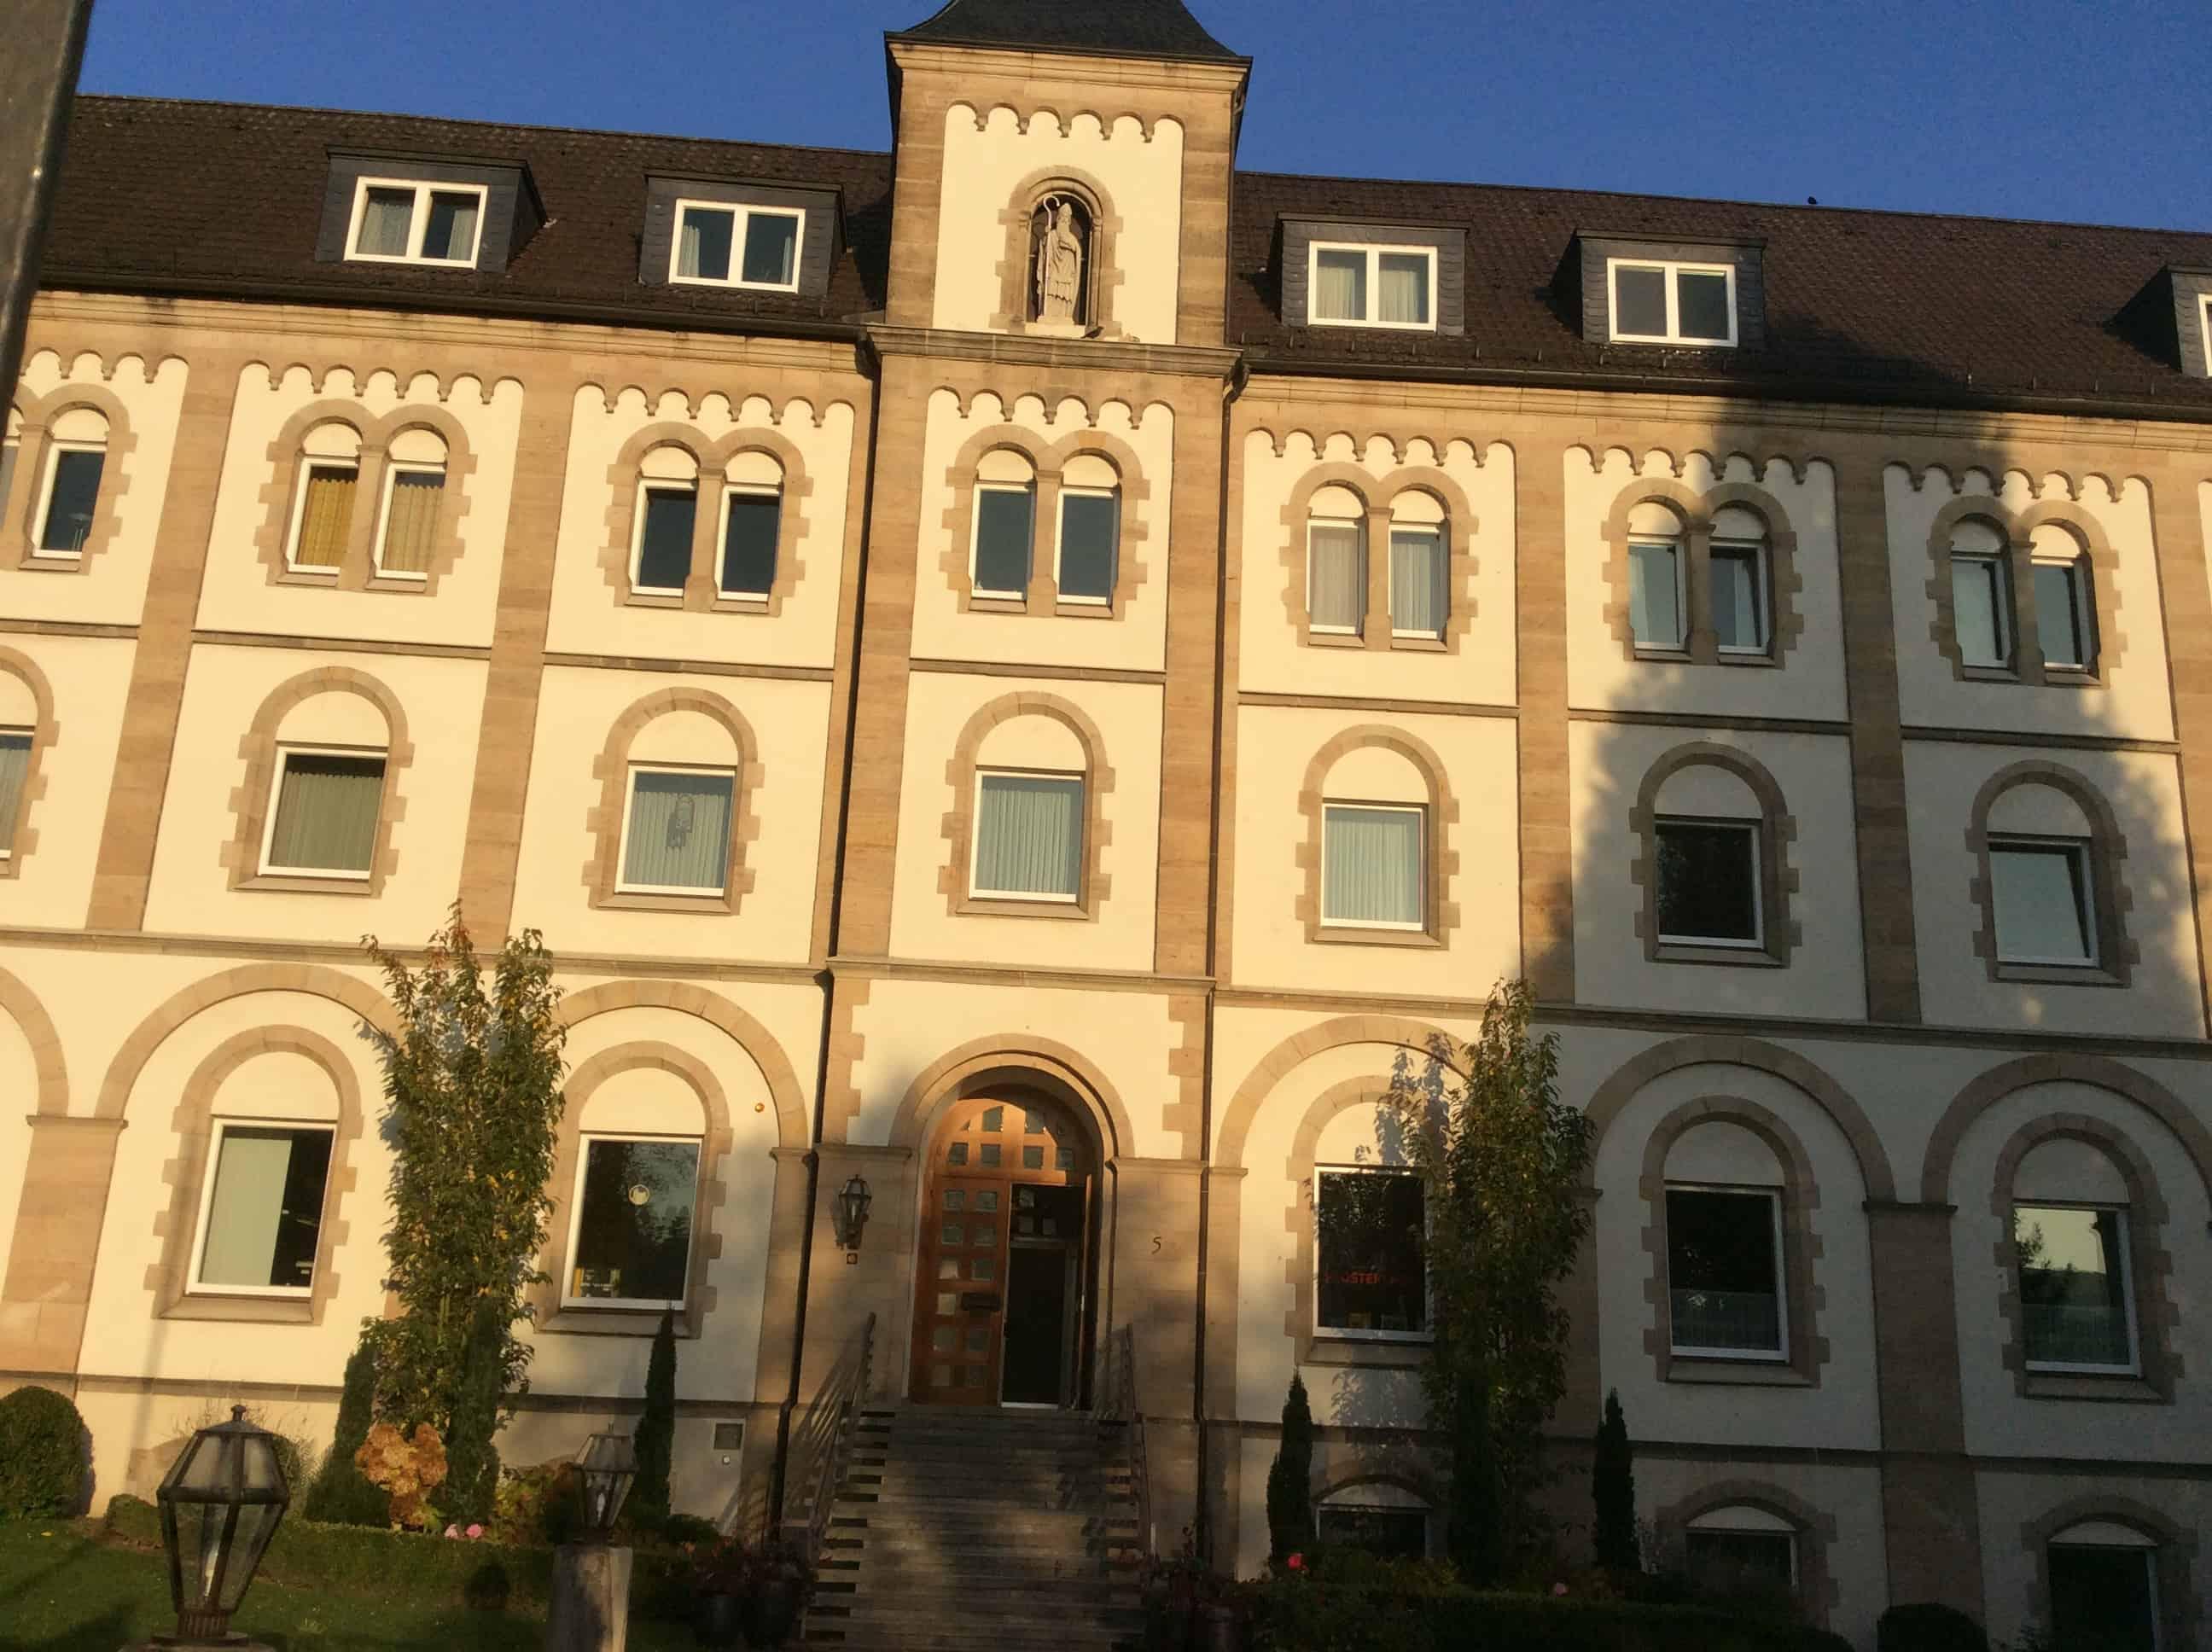 Jahrestagung 2018 im Kloster Hünfeld